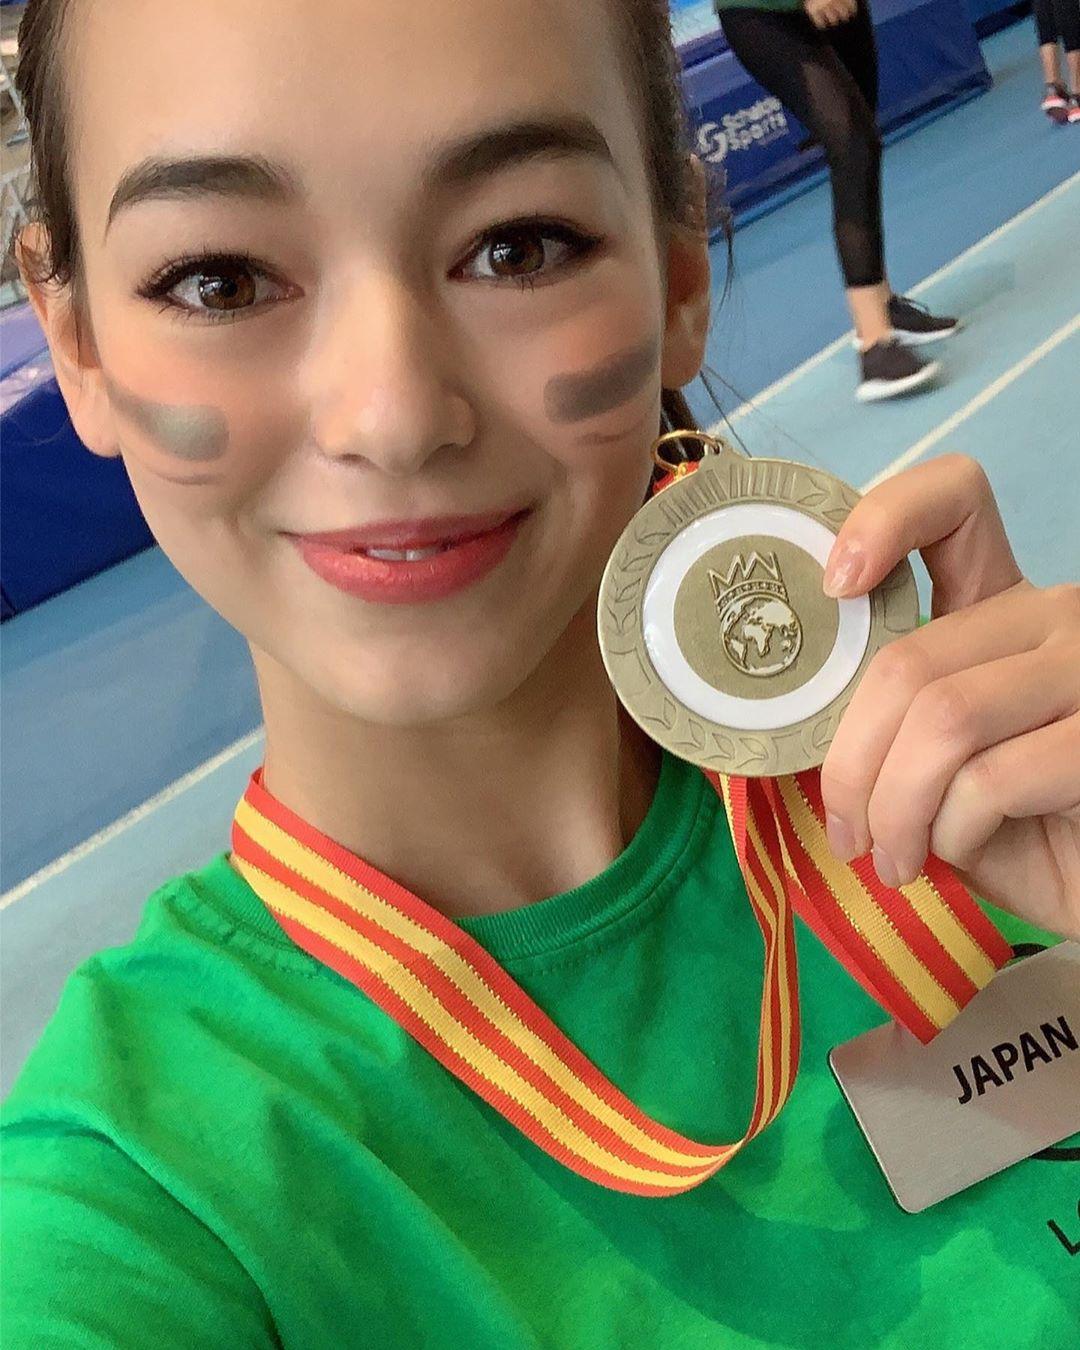 fast track miss sport de miss  world 2019. IuLYuX